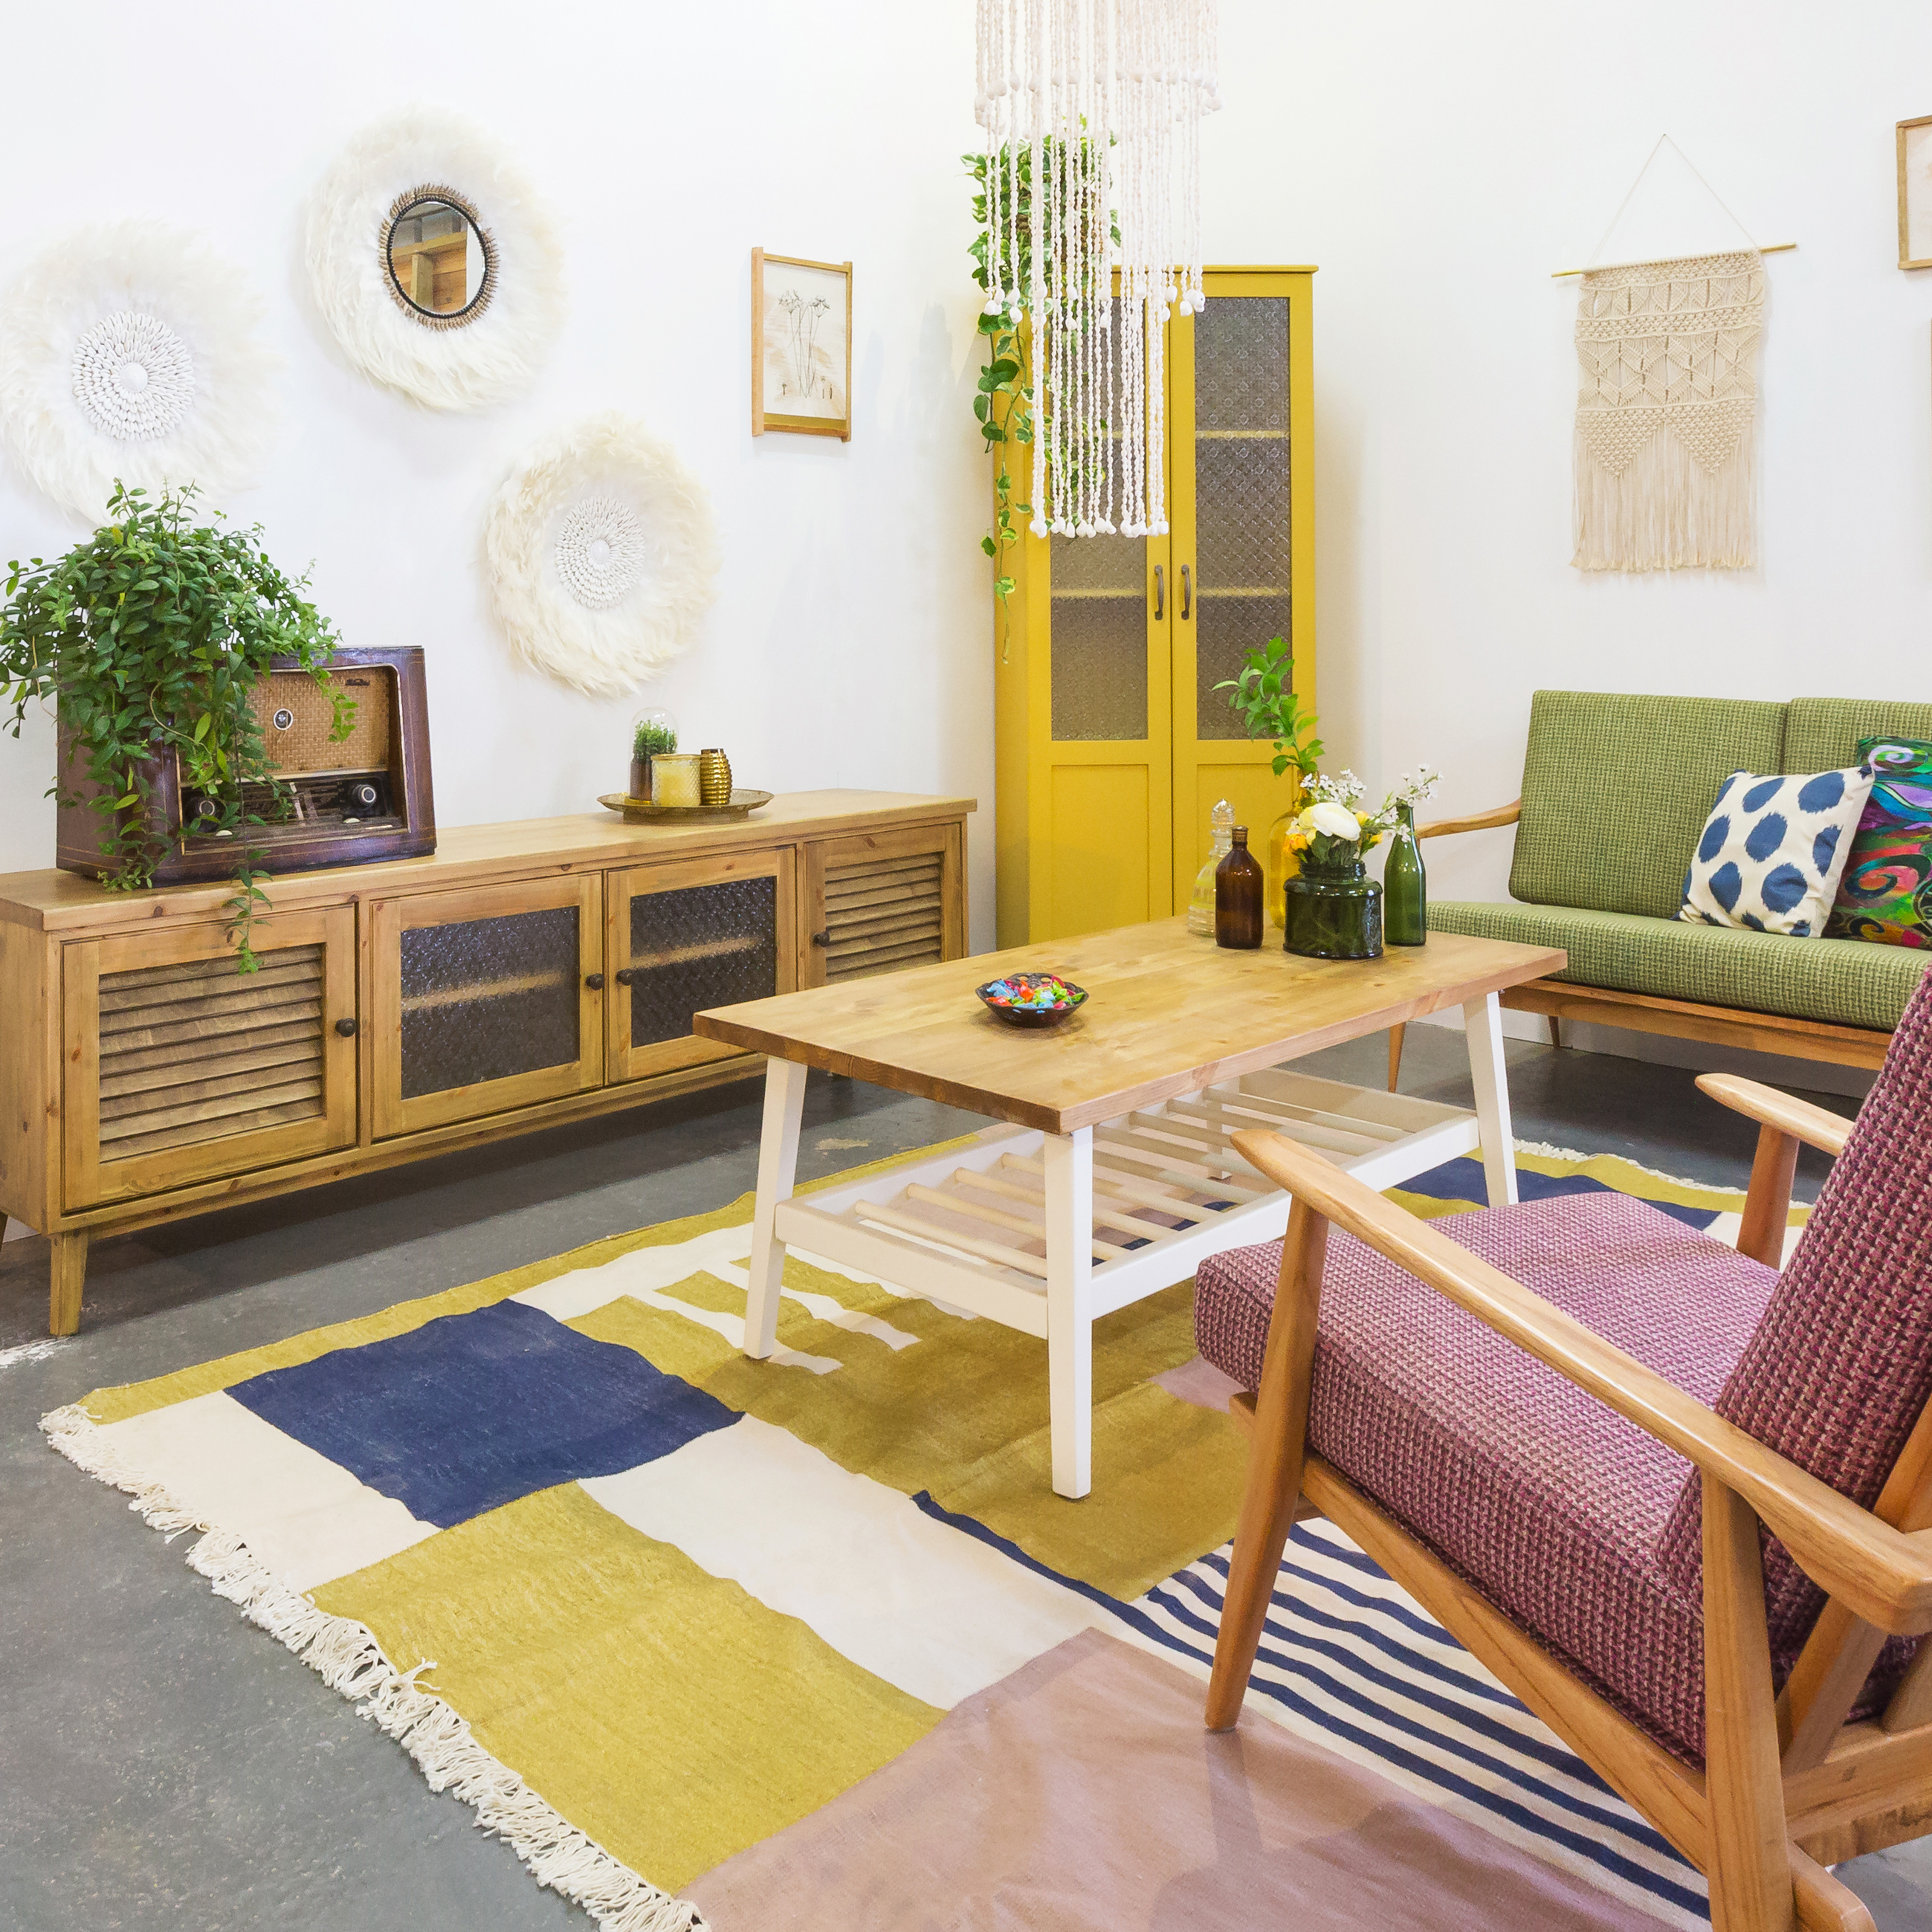 הפקה – עיונה | סיפורו של רהיט בסגנונות עיצוב